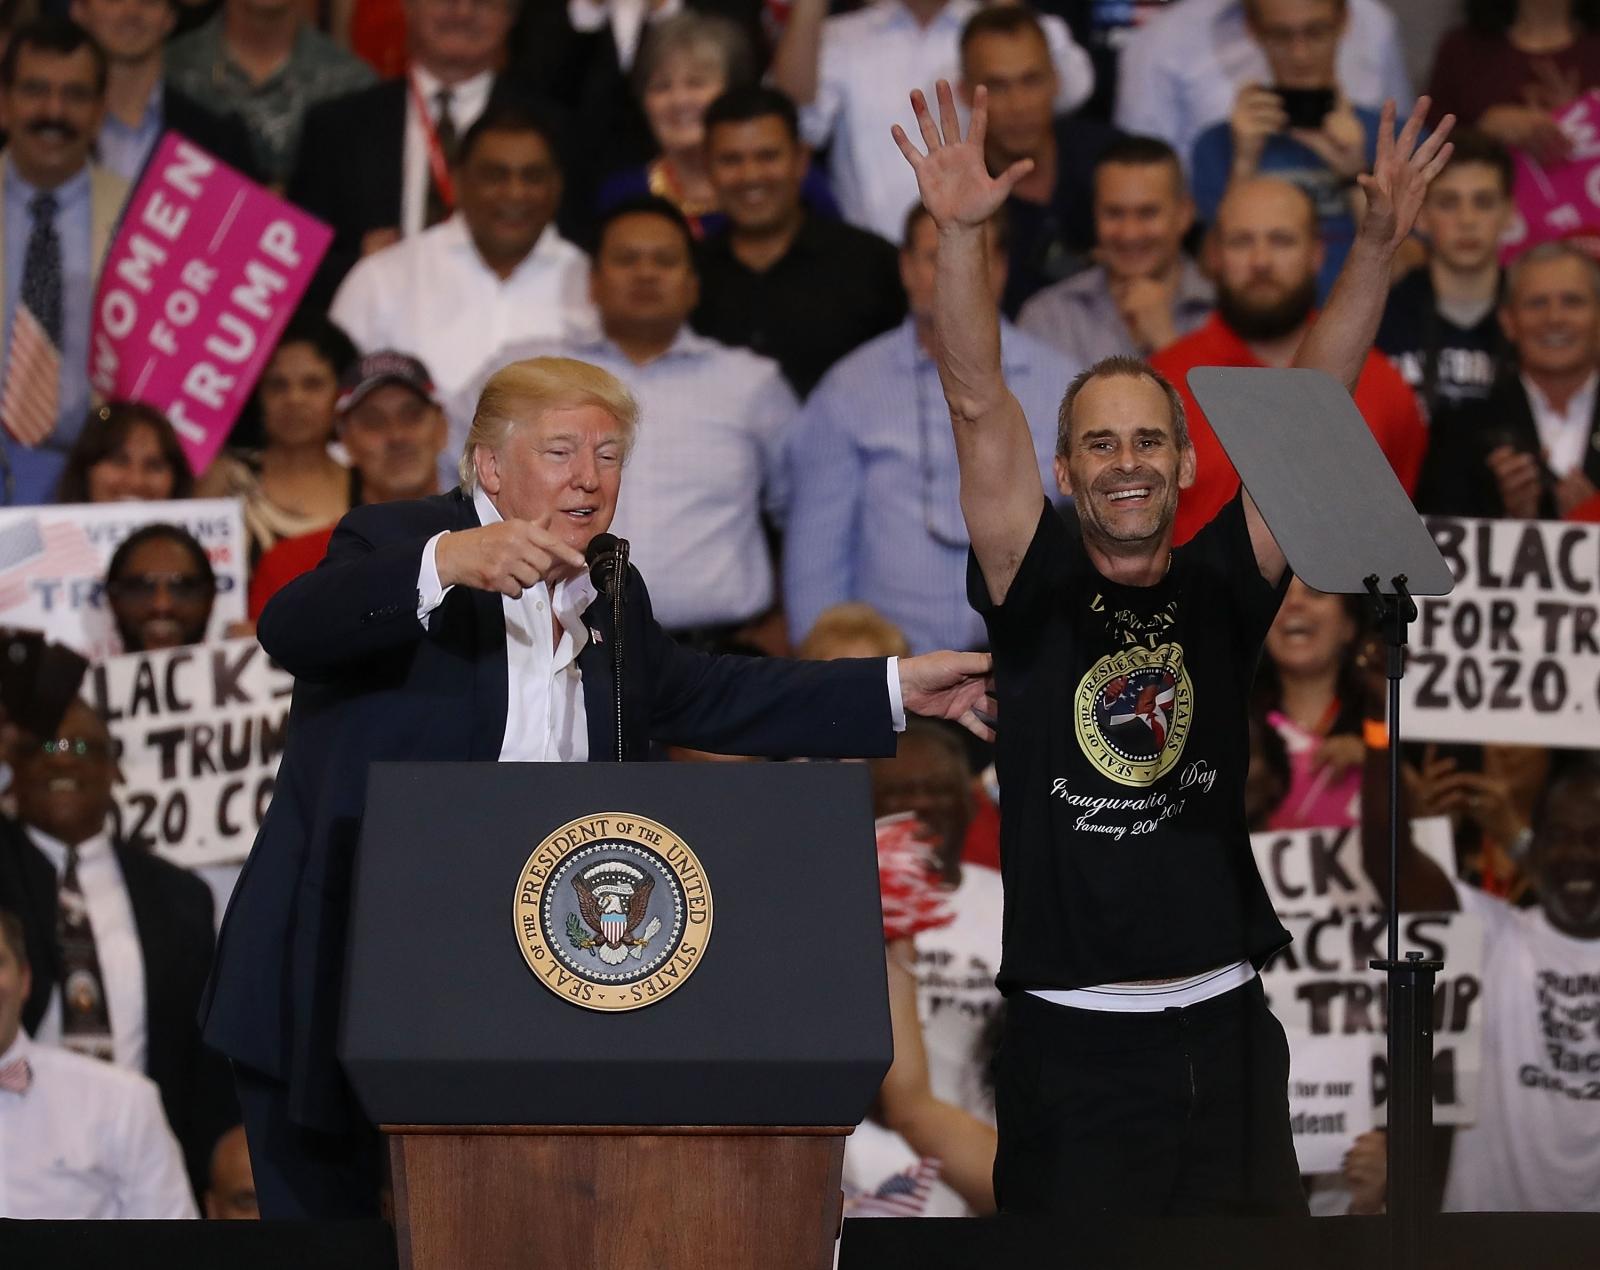 Donald Trump Florida rally